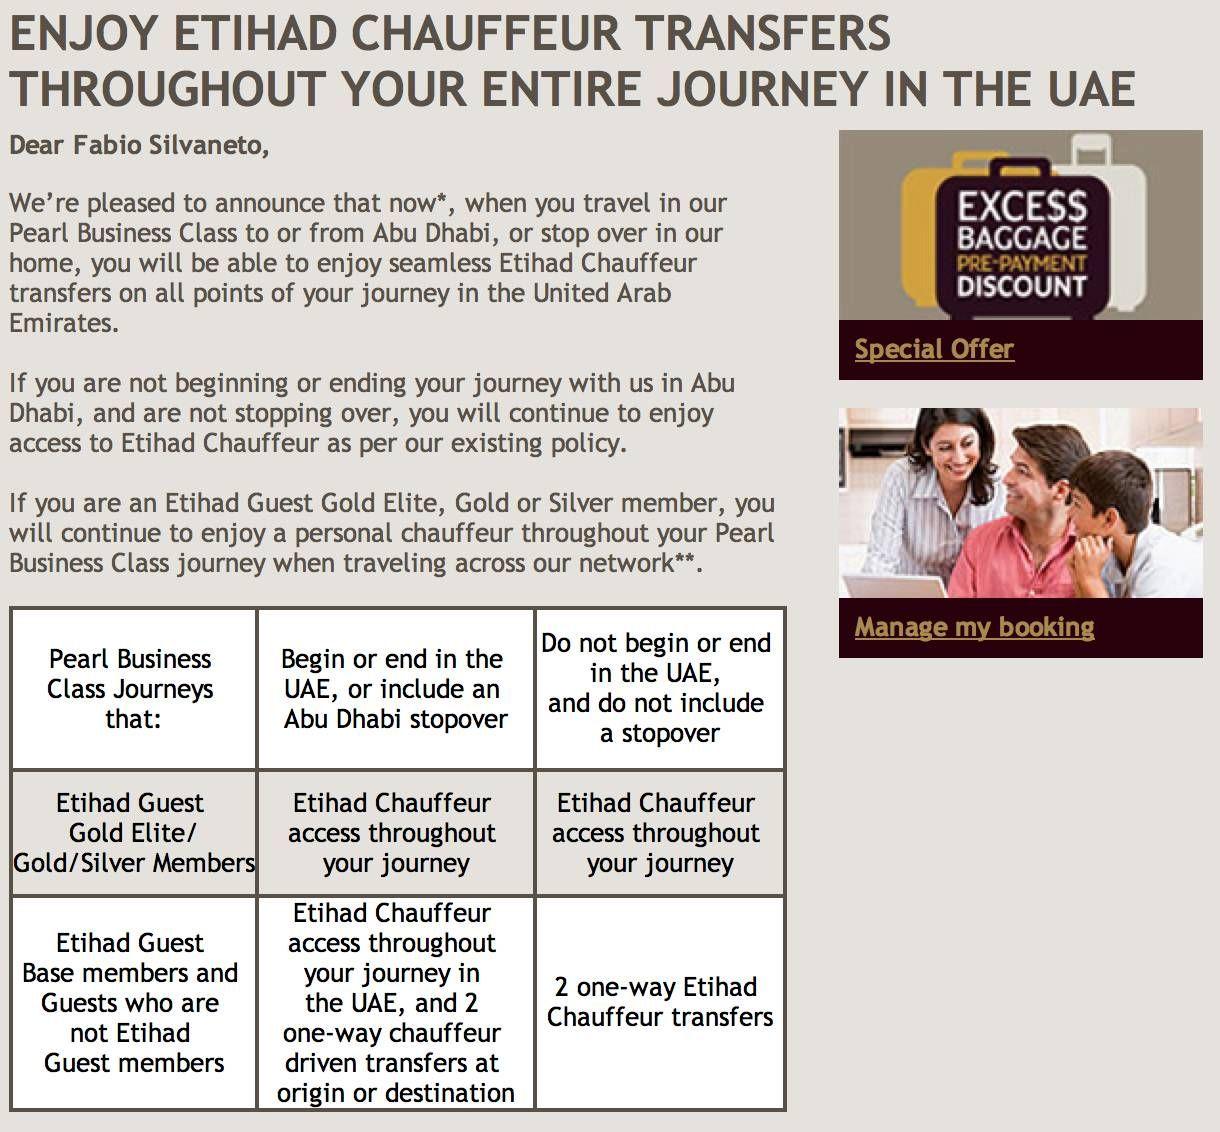 etihad_chauffeur